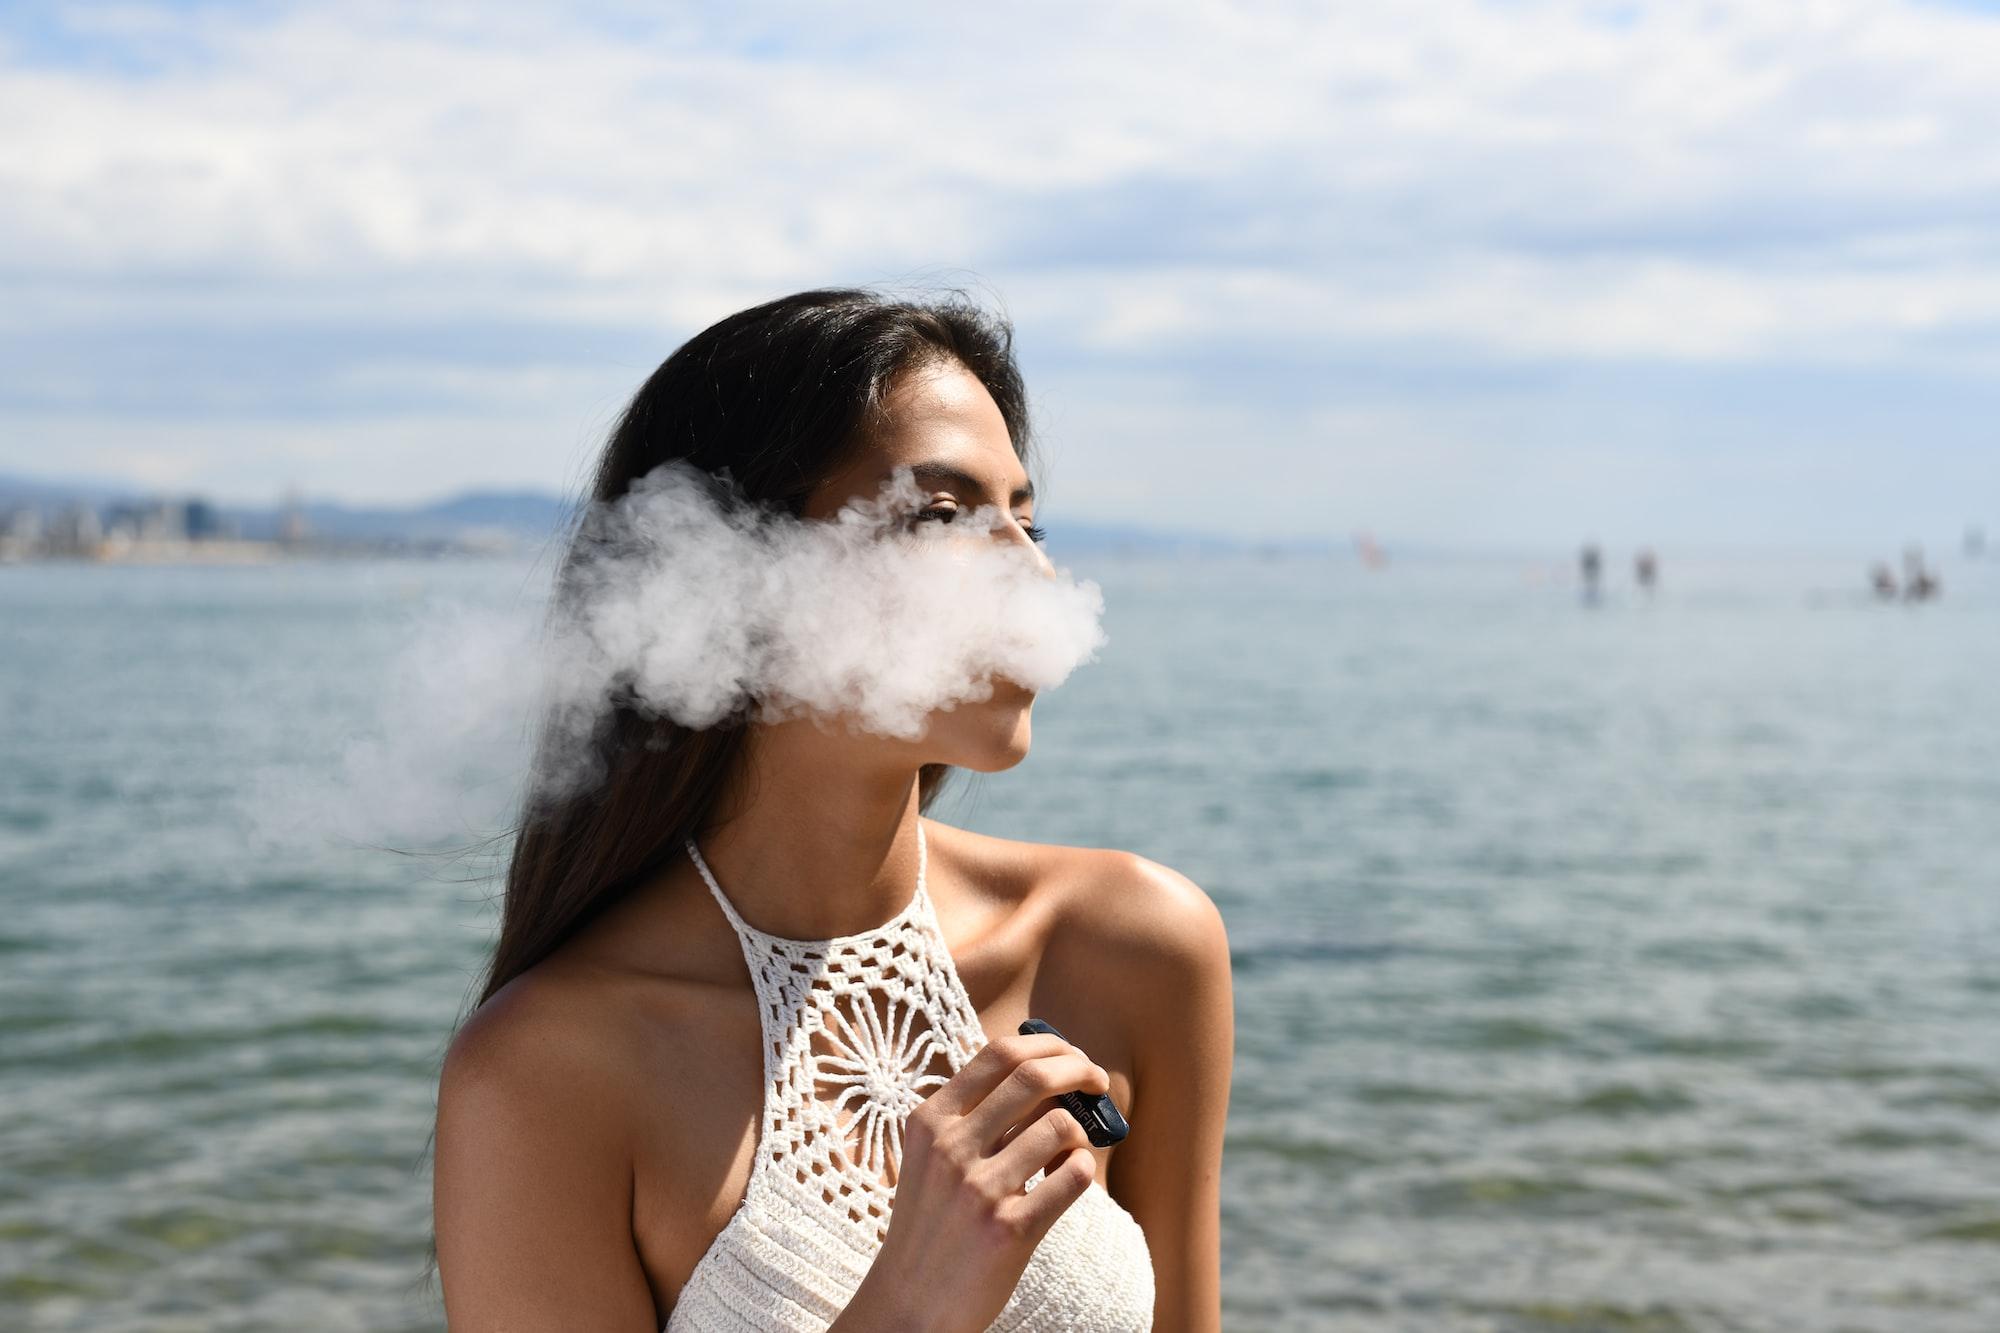 Tütün Fidelerini Örtmek İçin Kullanılan Hasır Veya Ottan Örtü Bulmaca Anlamı Nedir?